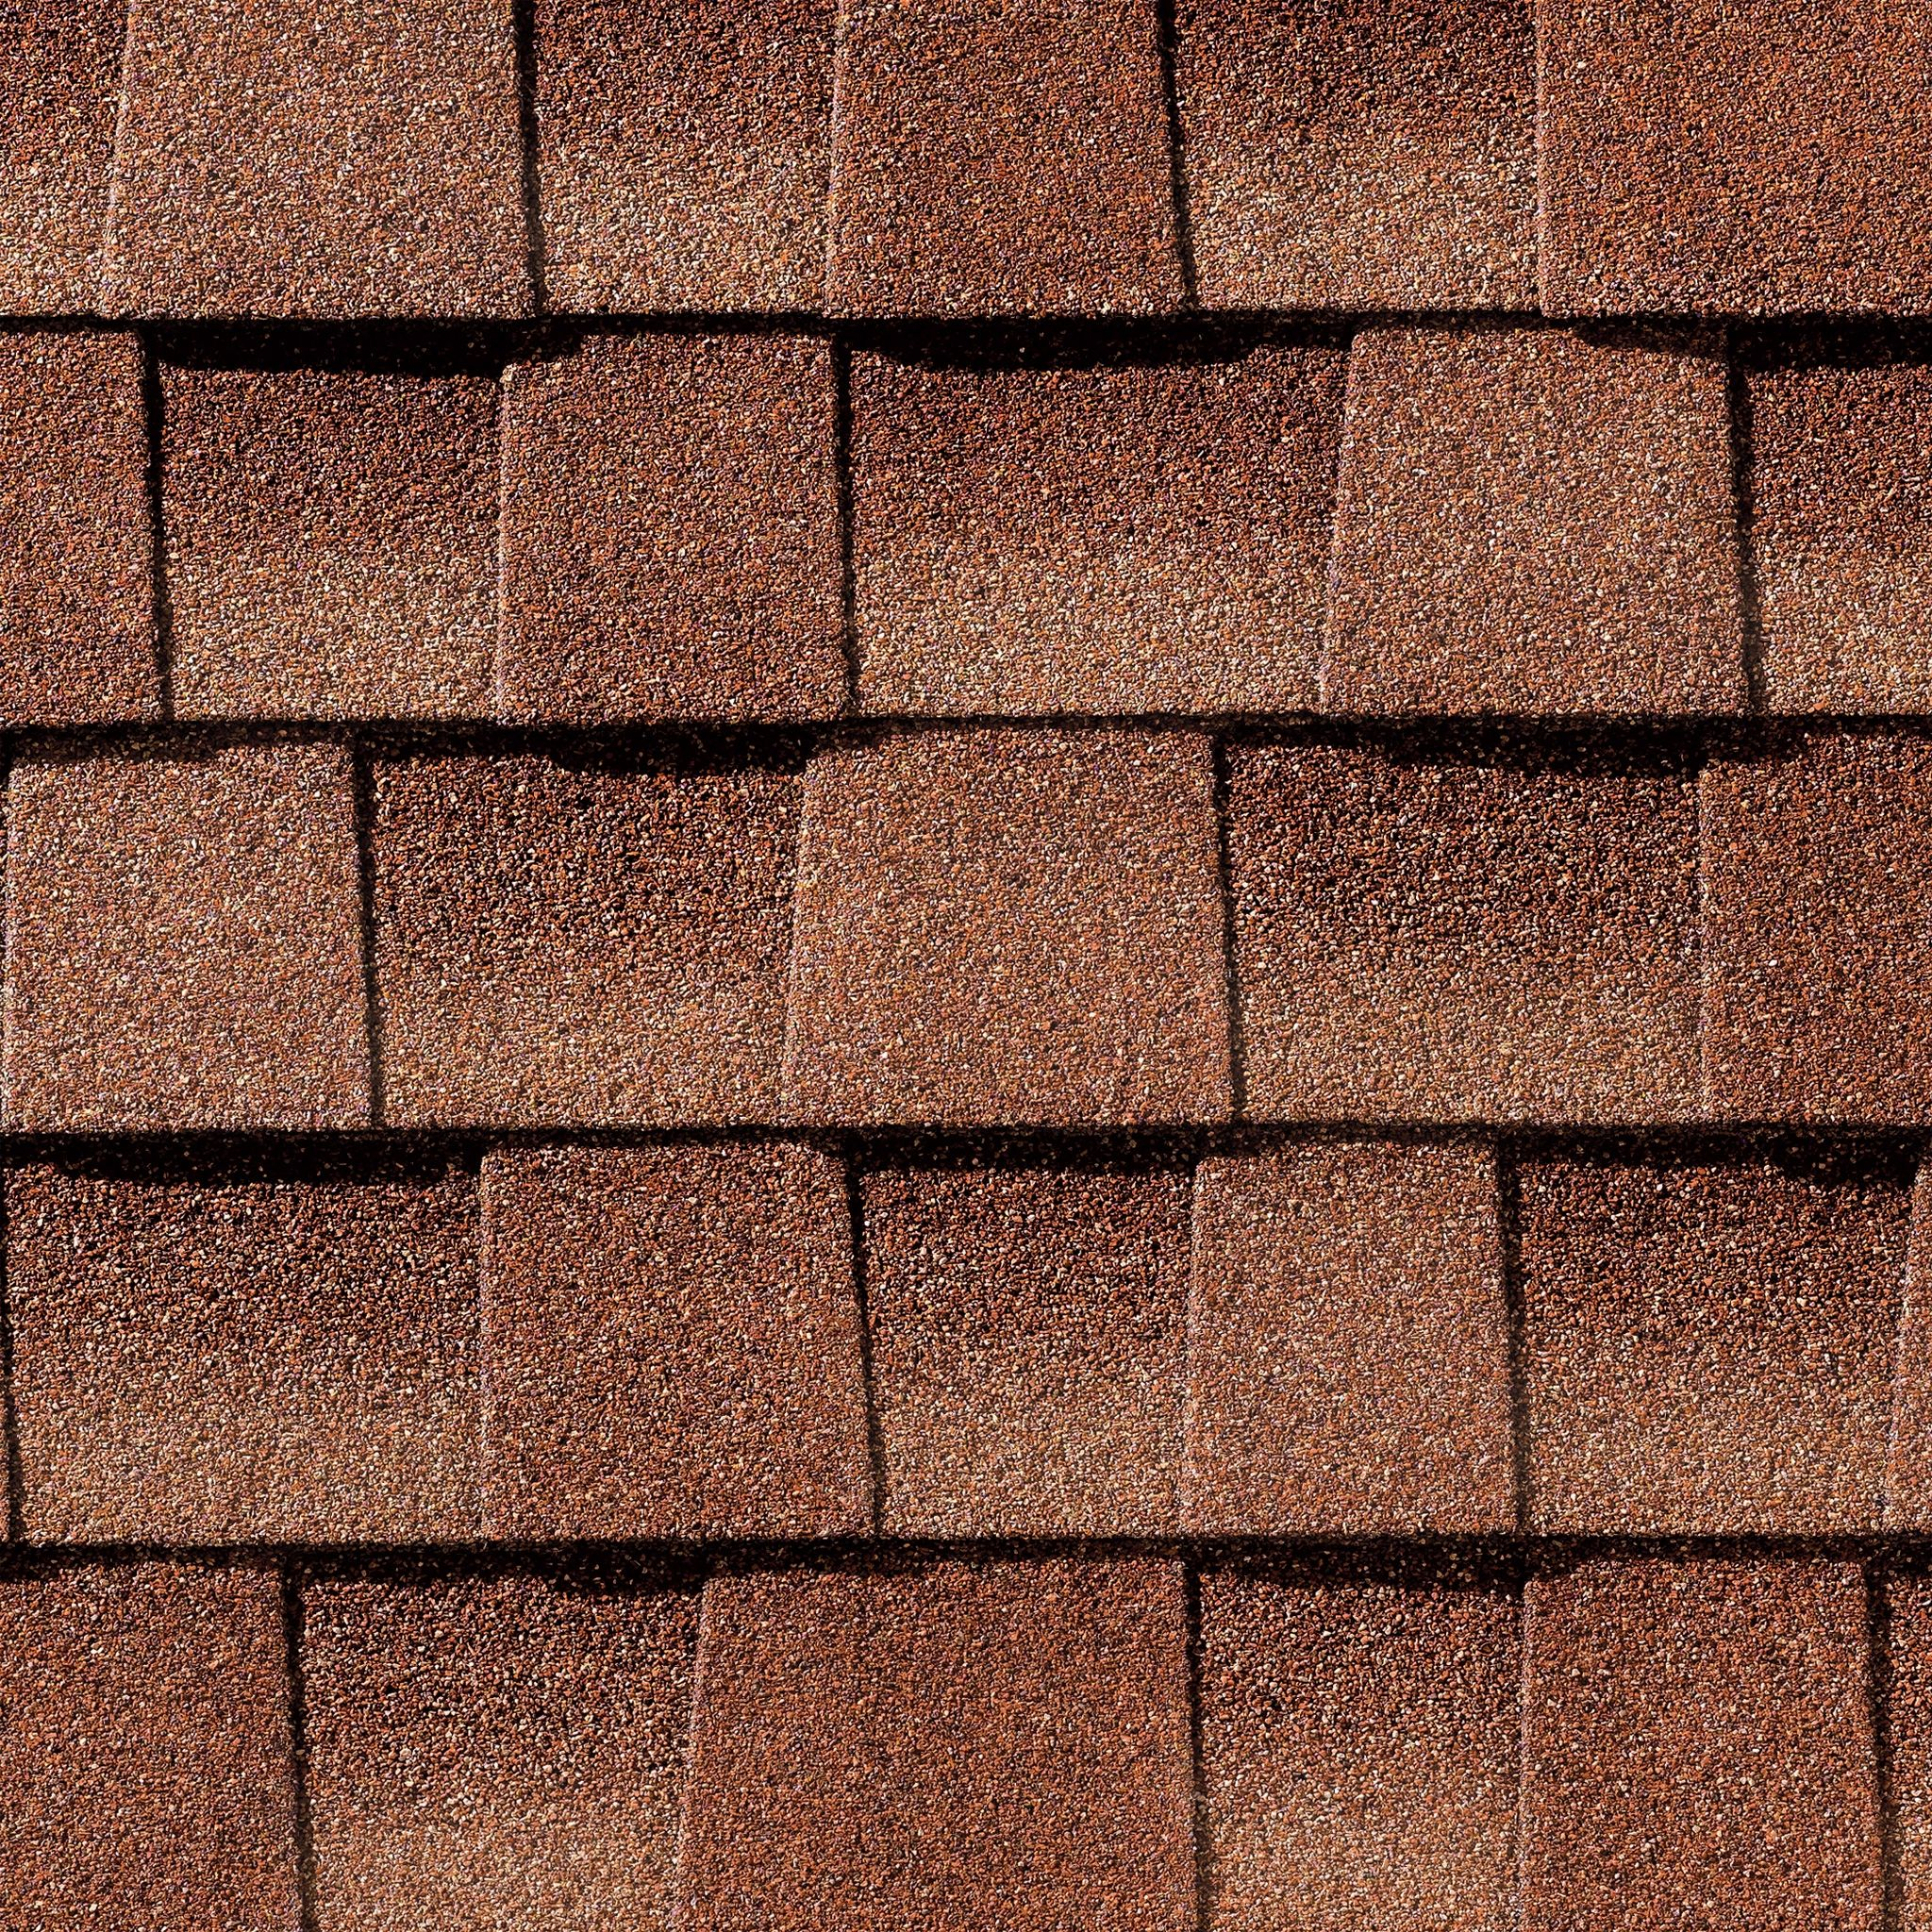 Best Timberline Hd Sunset Brick Exterior Pinterest 640 x 480